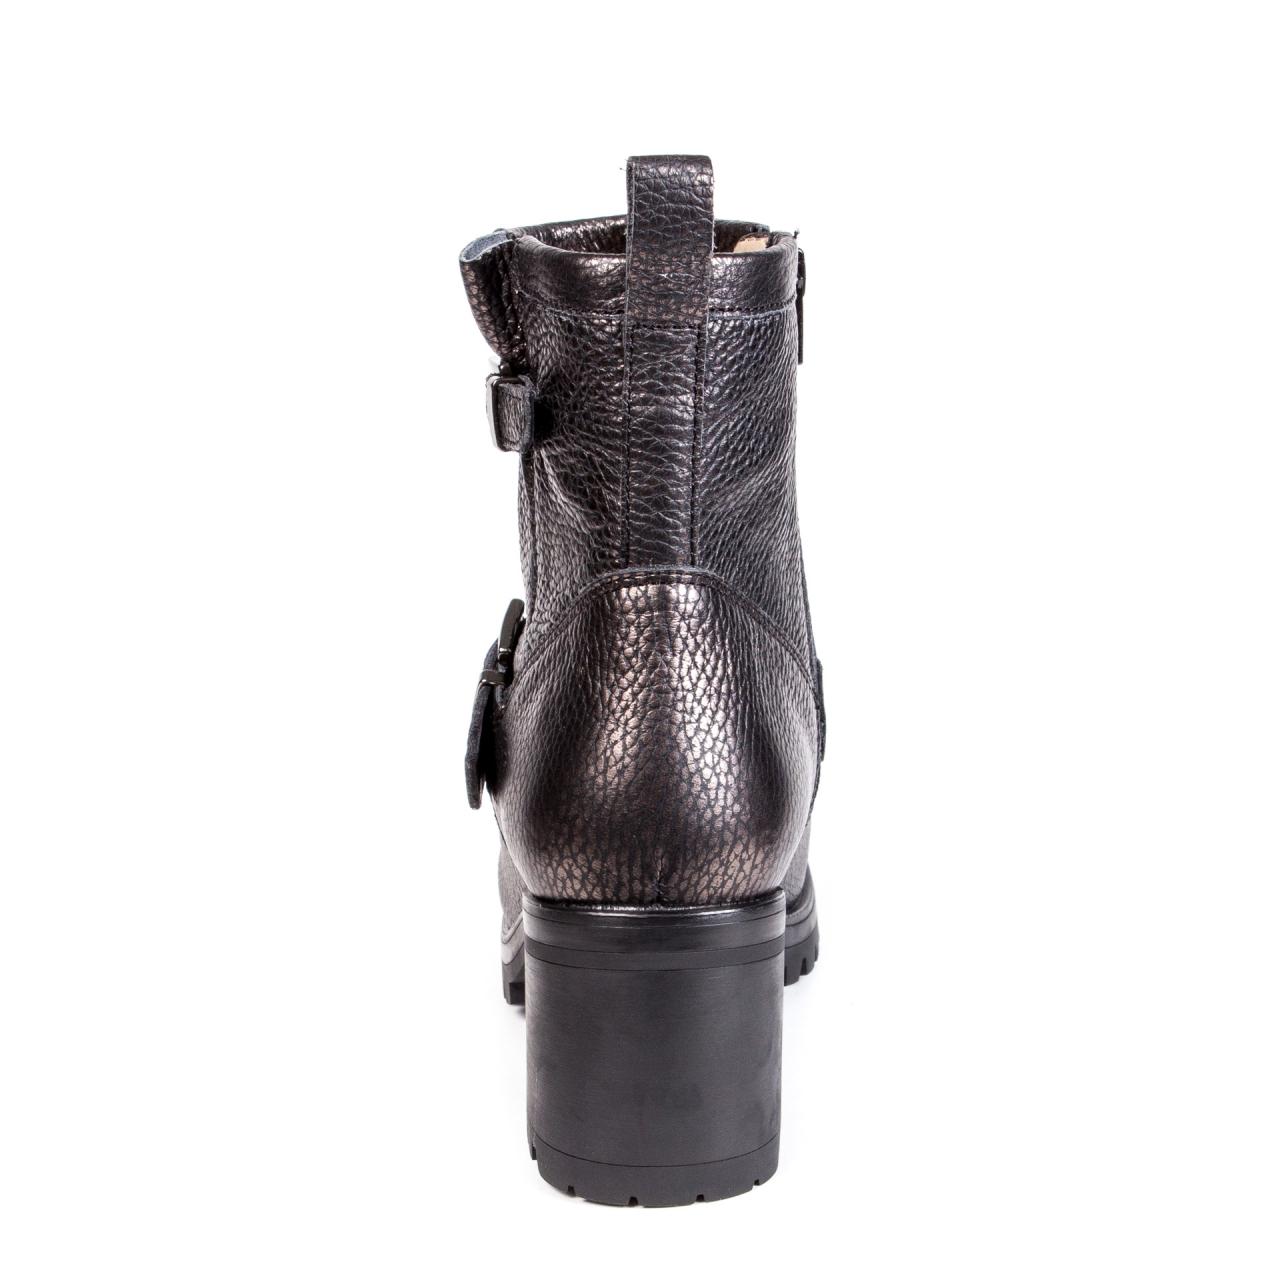 картинка Женские ботинки, арт. 13330-5-00402/80Y Q от магазина Одежда+